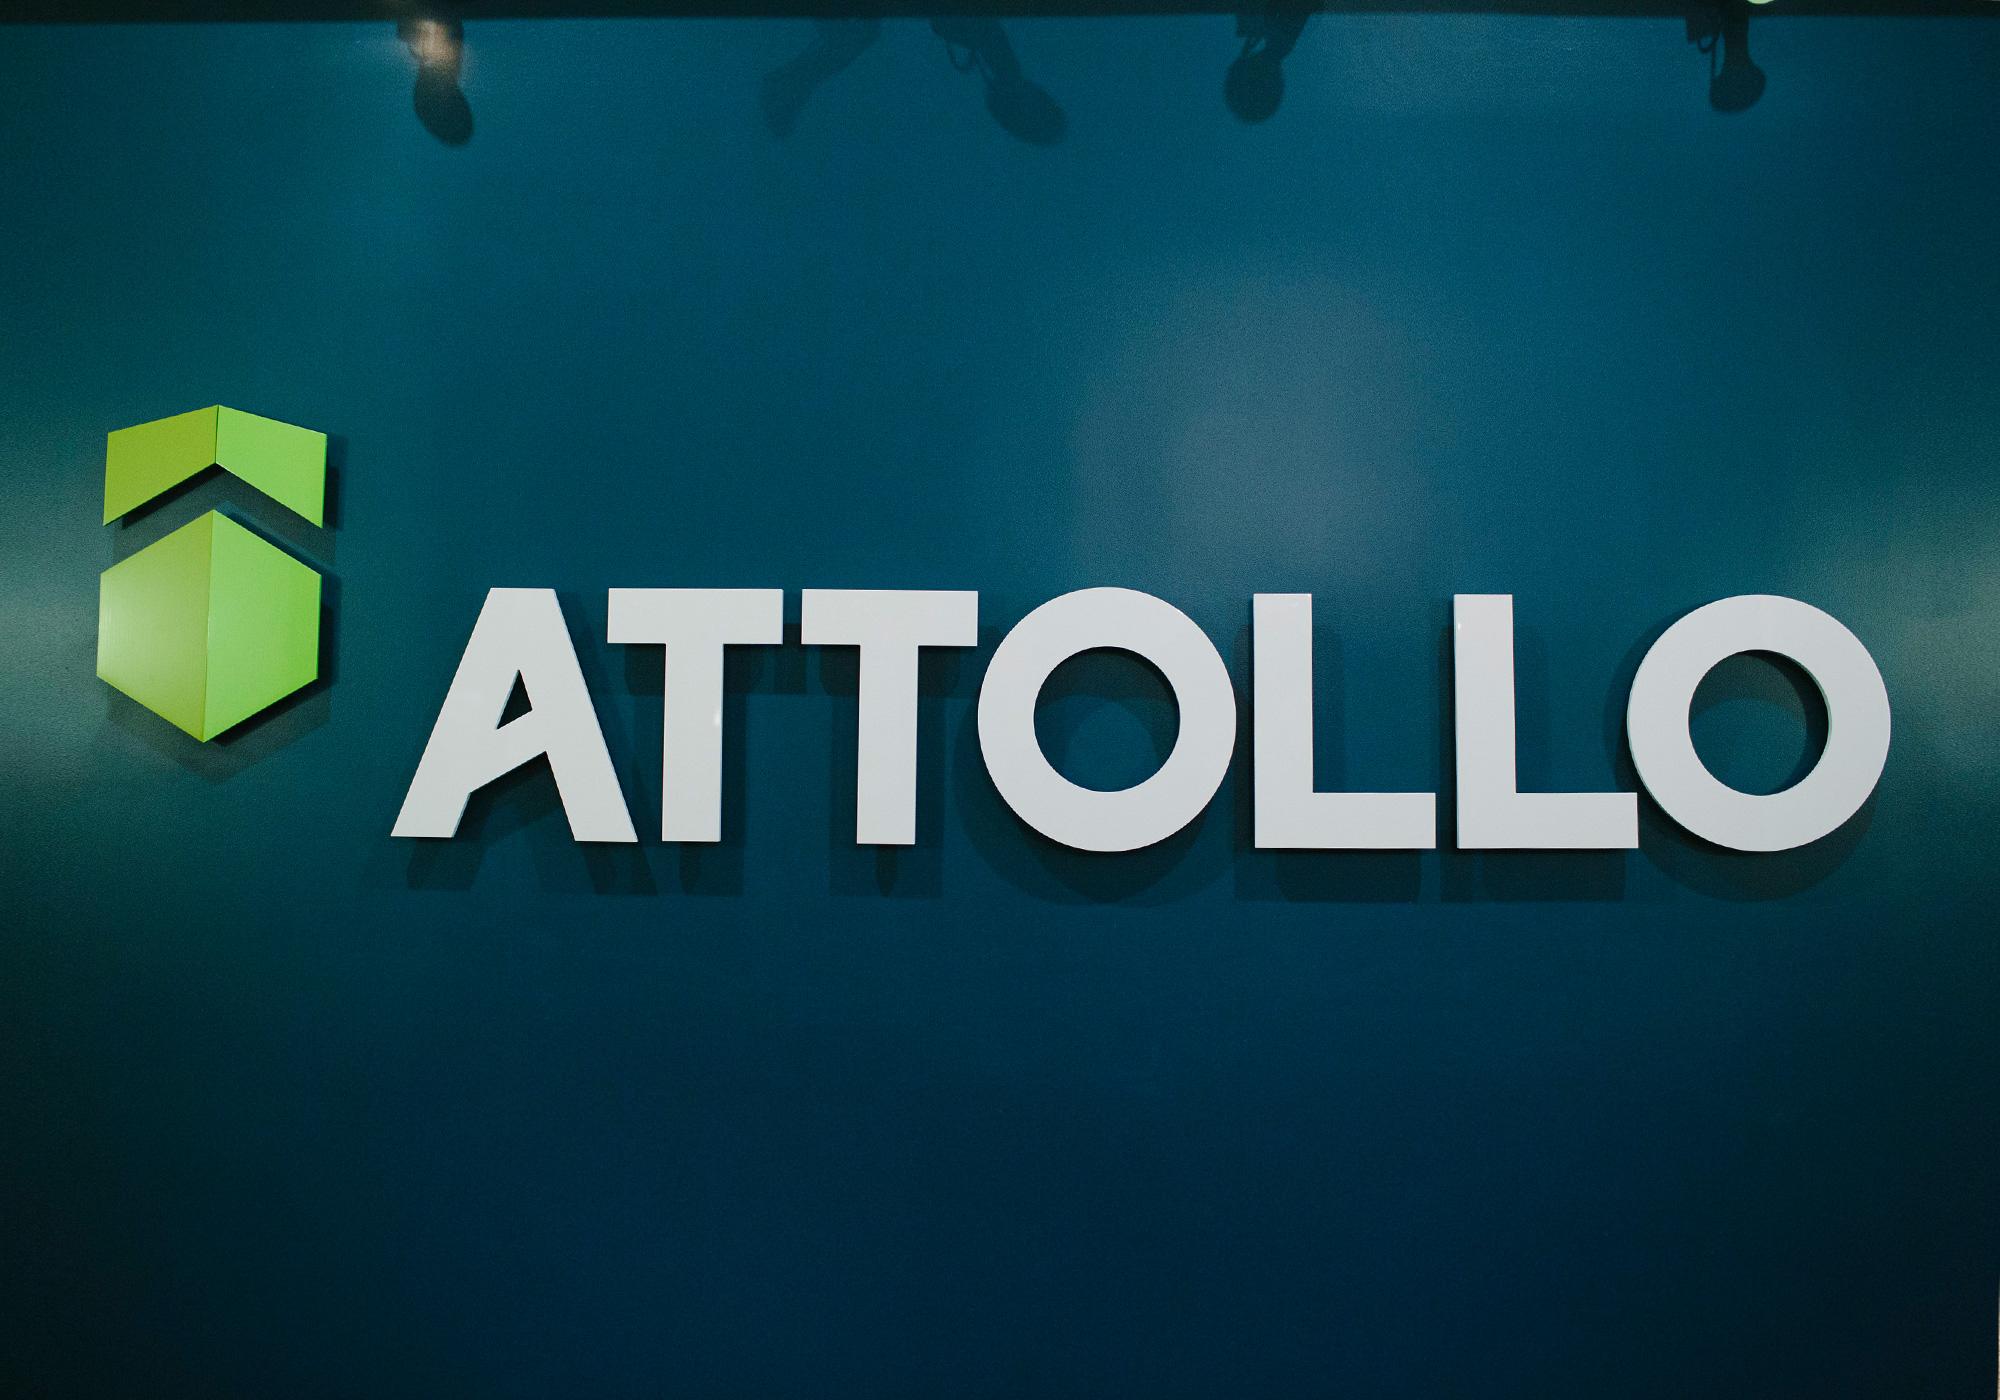 Attollo - Branded Signage